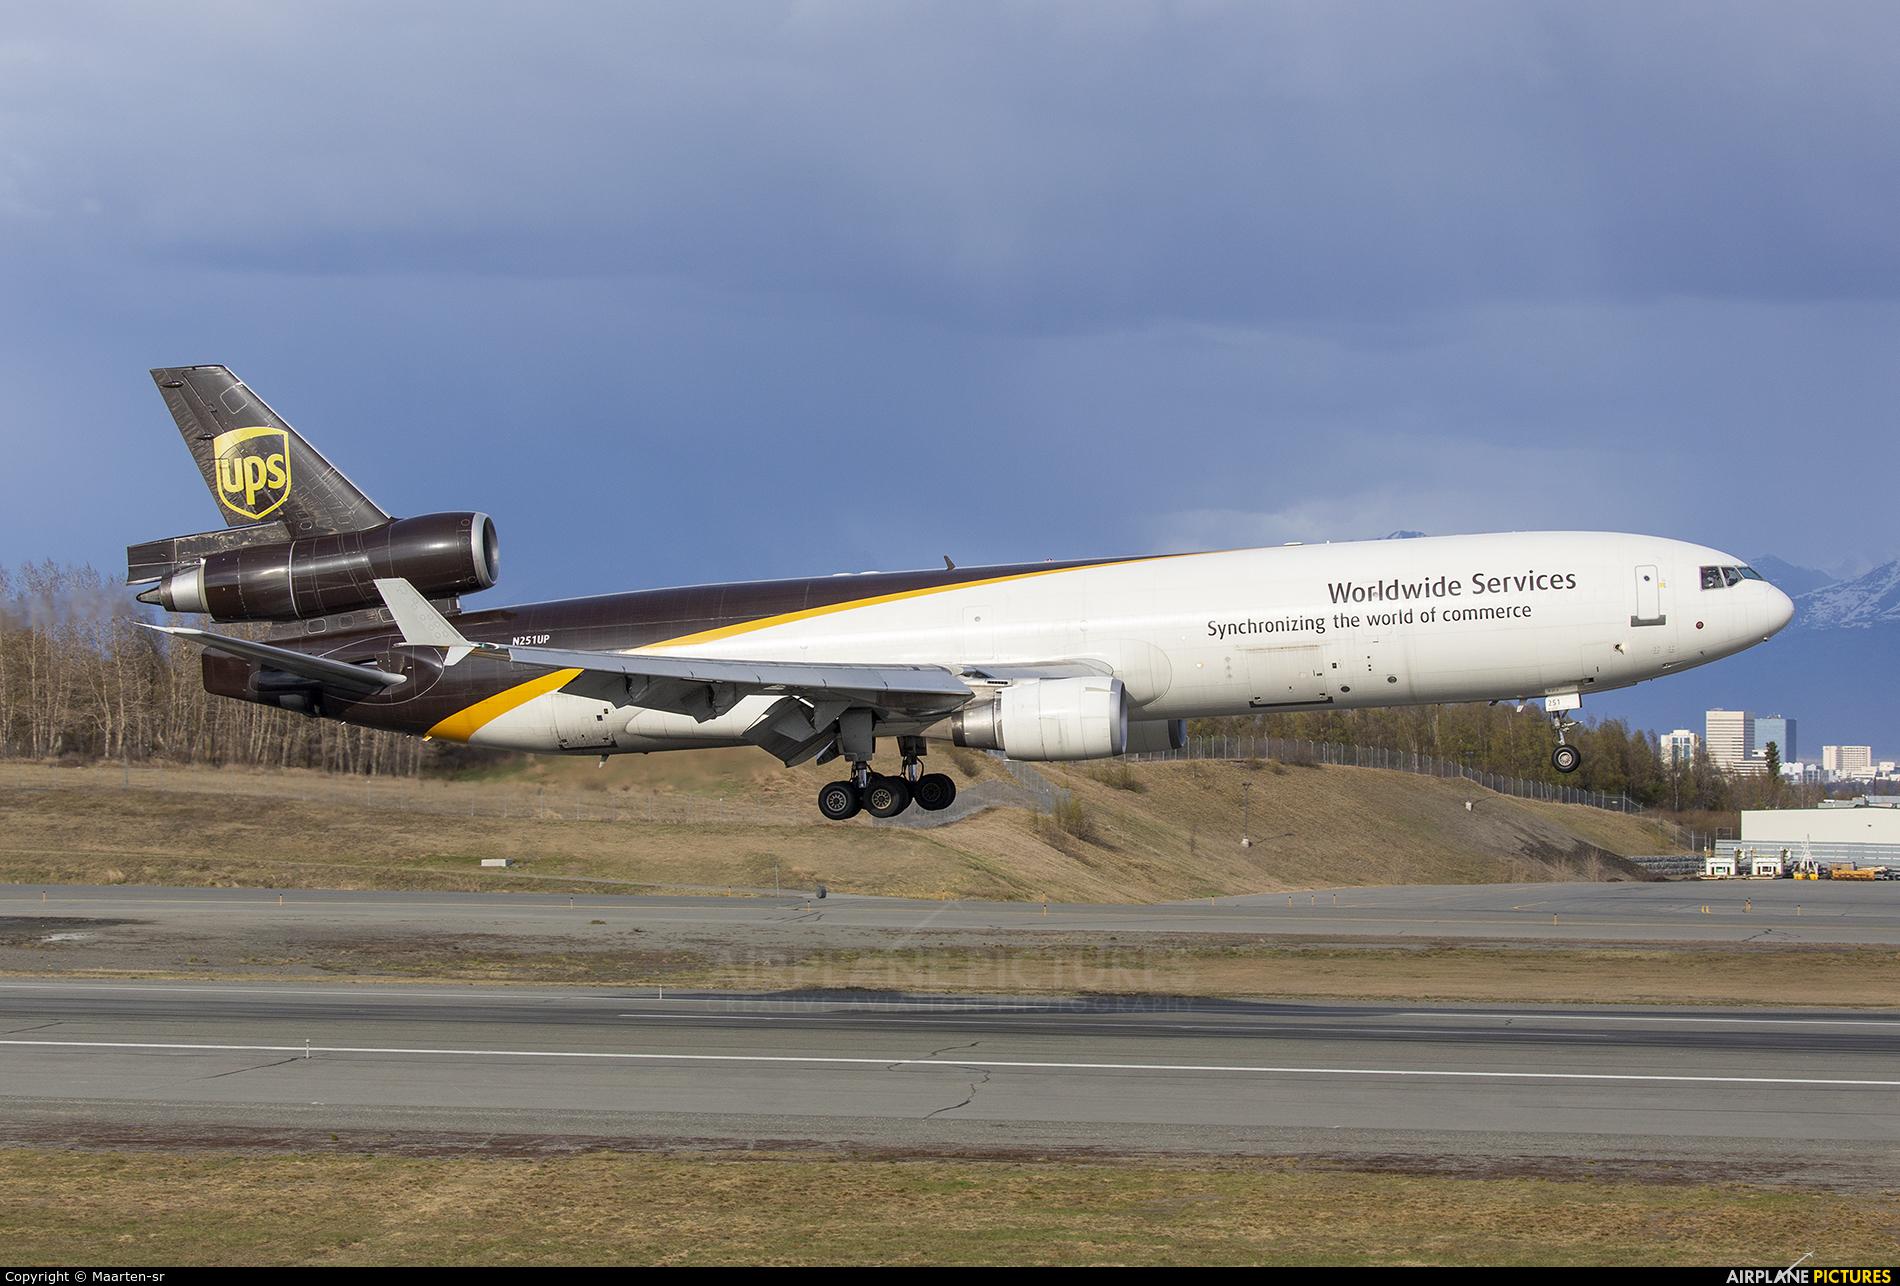 UPS - United Parcel Service N251UP aircraft at Anchorage - Ted Stevens Intl / Kulis Air National Guard Base